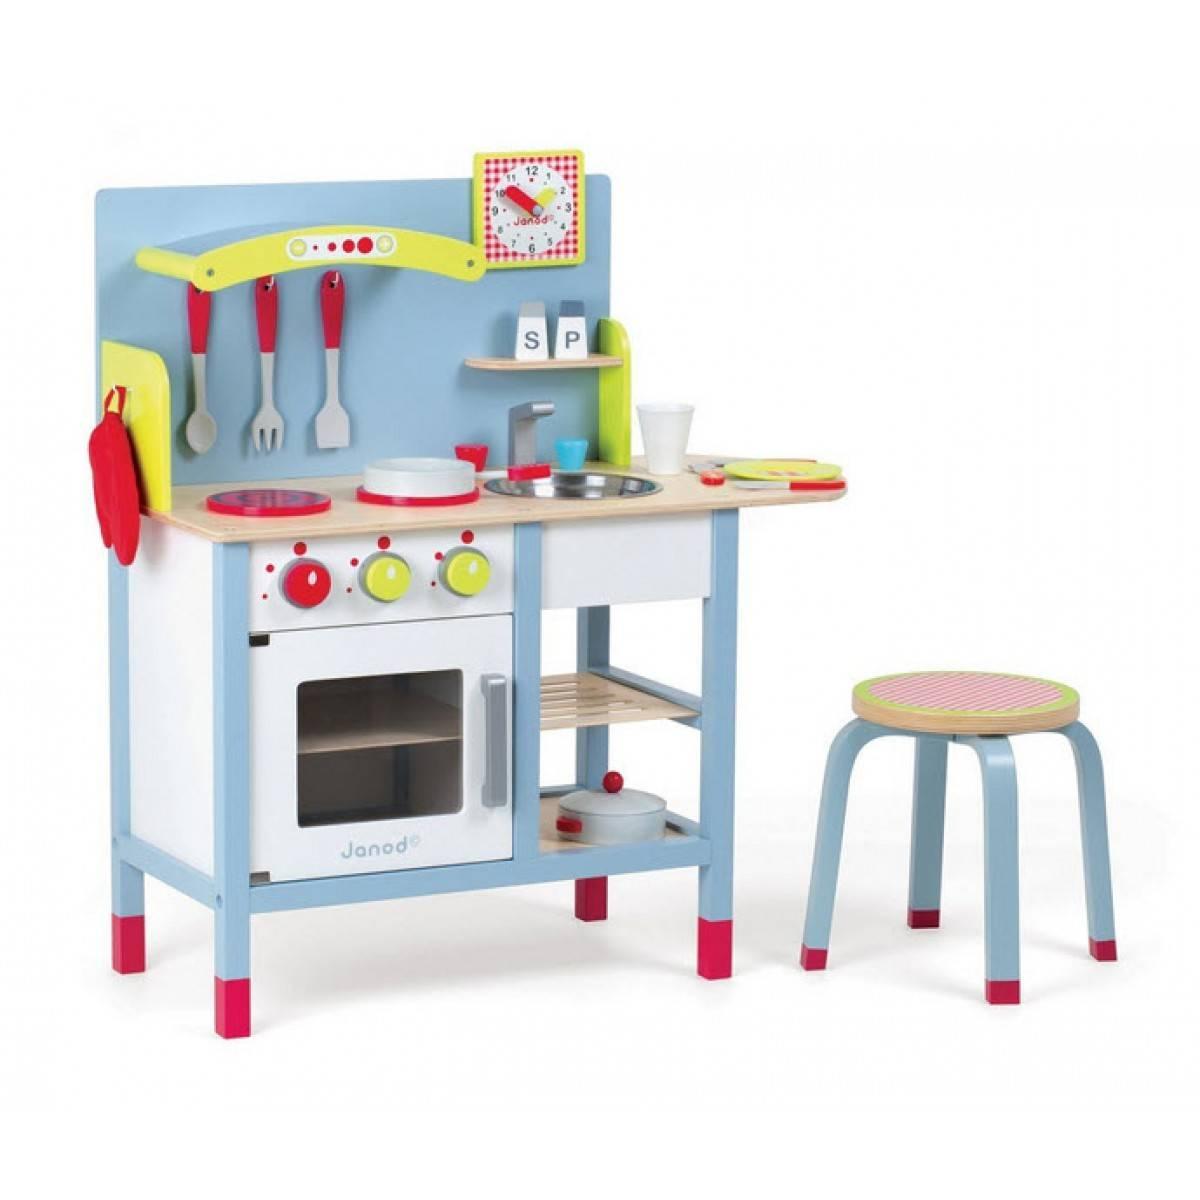 une cuisine enfant en bois pour imiter les grands jouet en bois cuisine. Black Bedroom Furniture Sets. Home Design Ideas